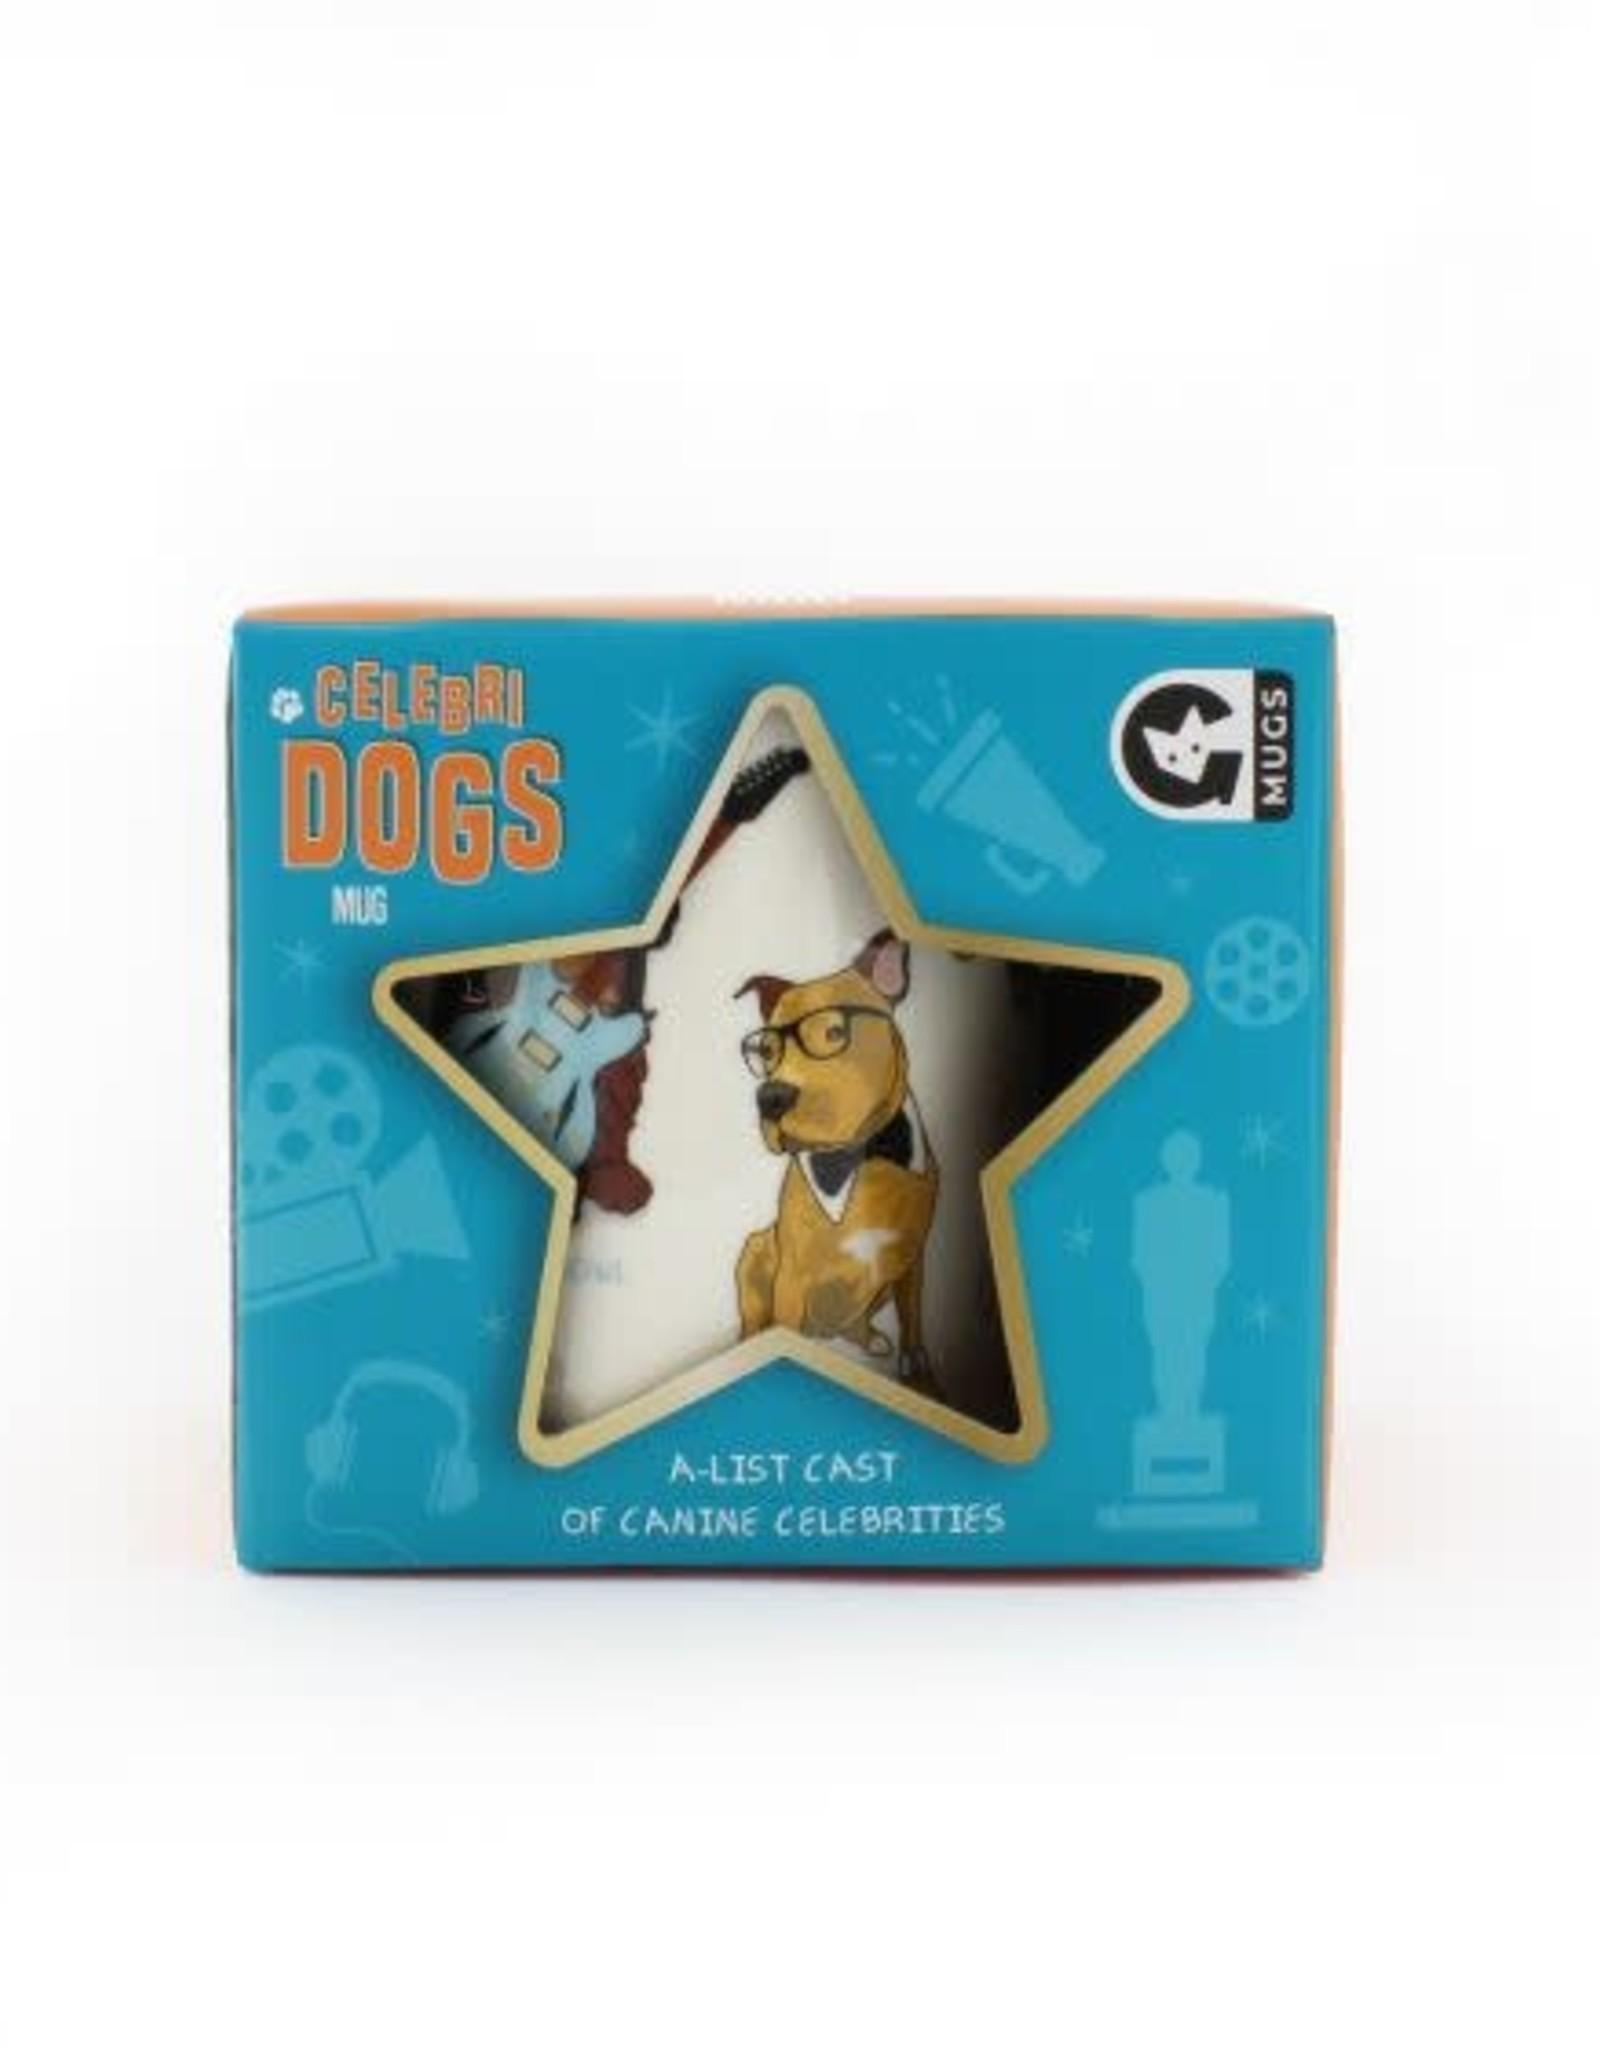 Ginger Fox Celebrity Dogs Mug